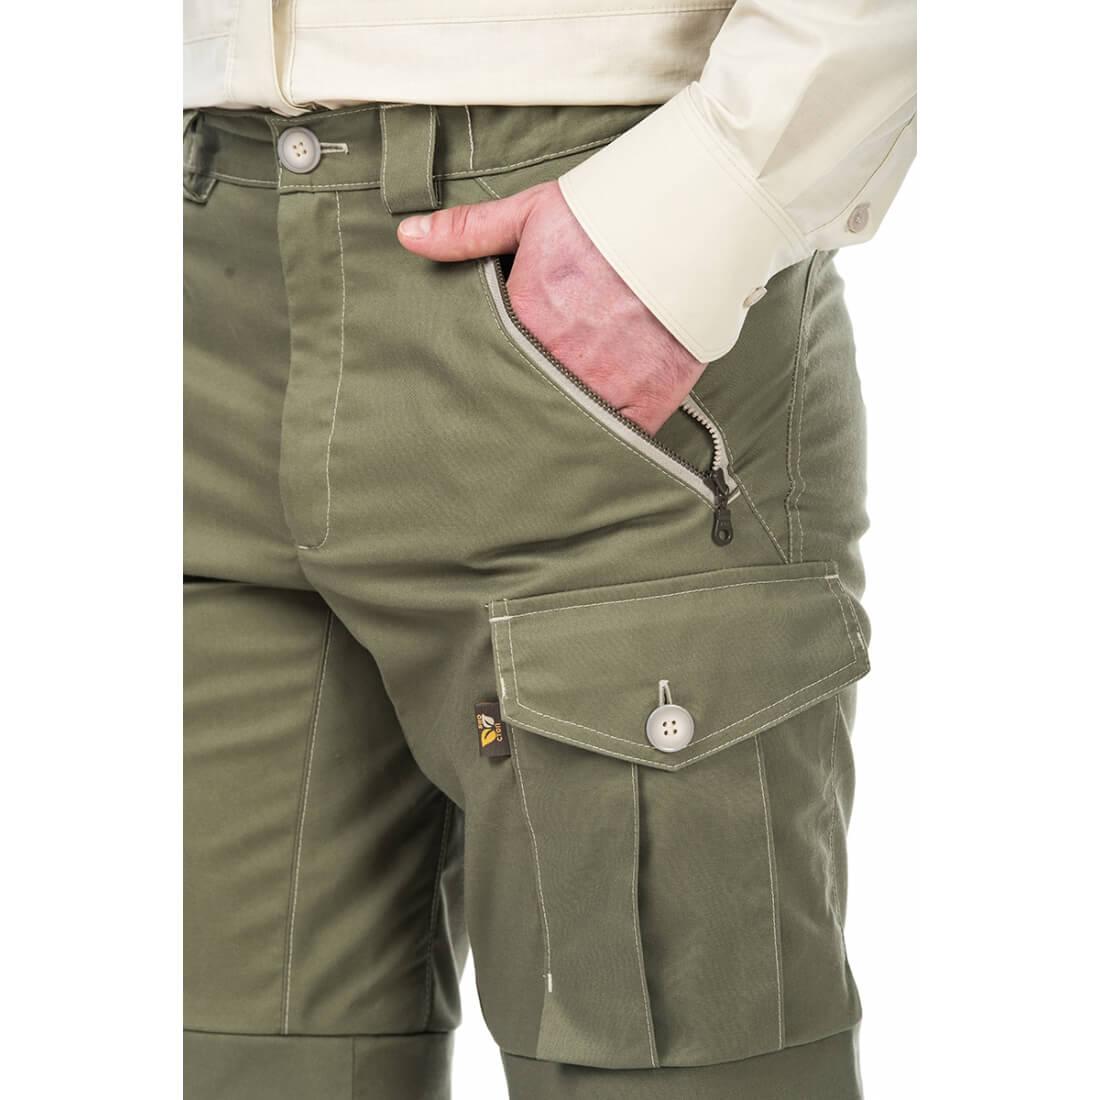 Мужские противоэнцефалитные брюки Биостоп® Комфорт